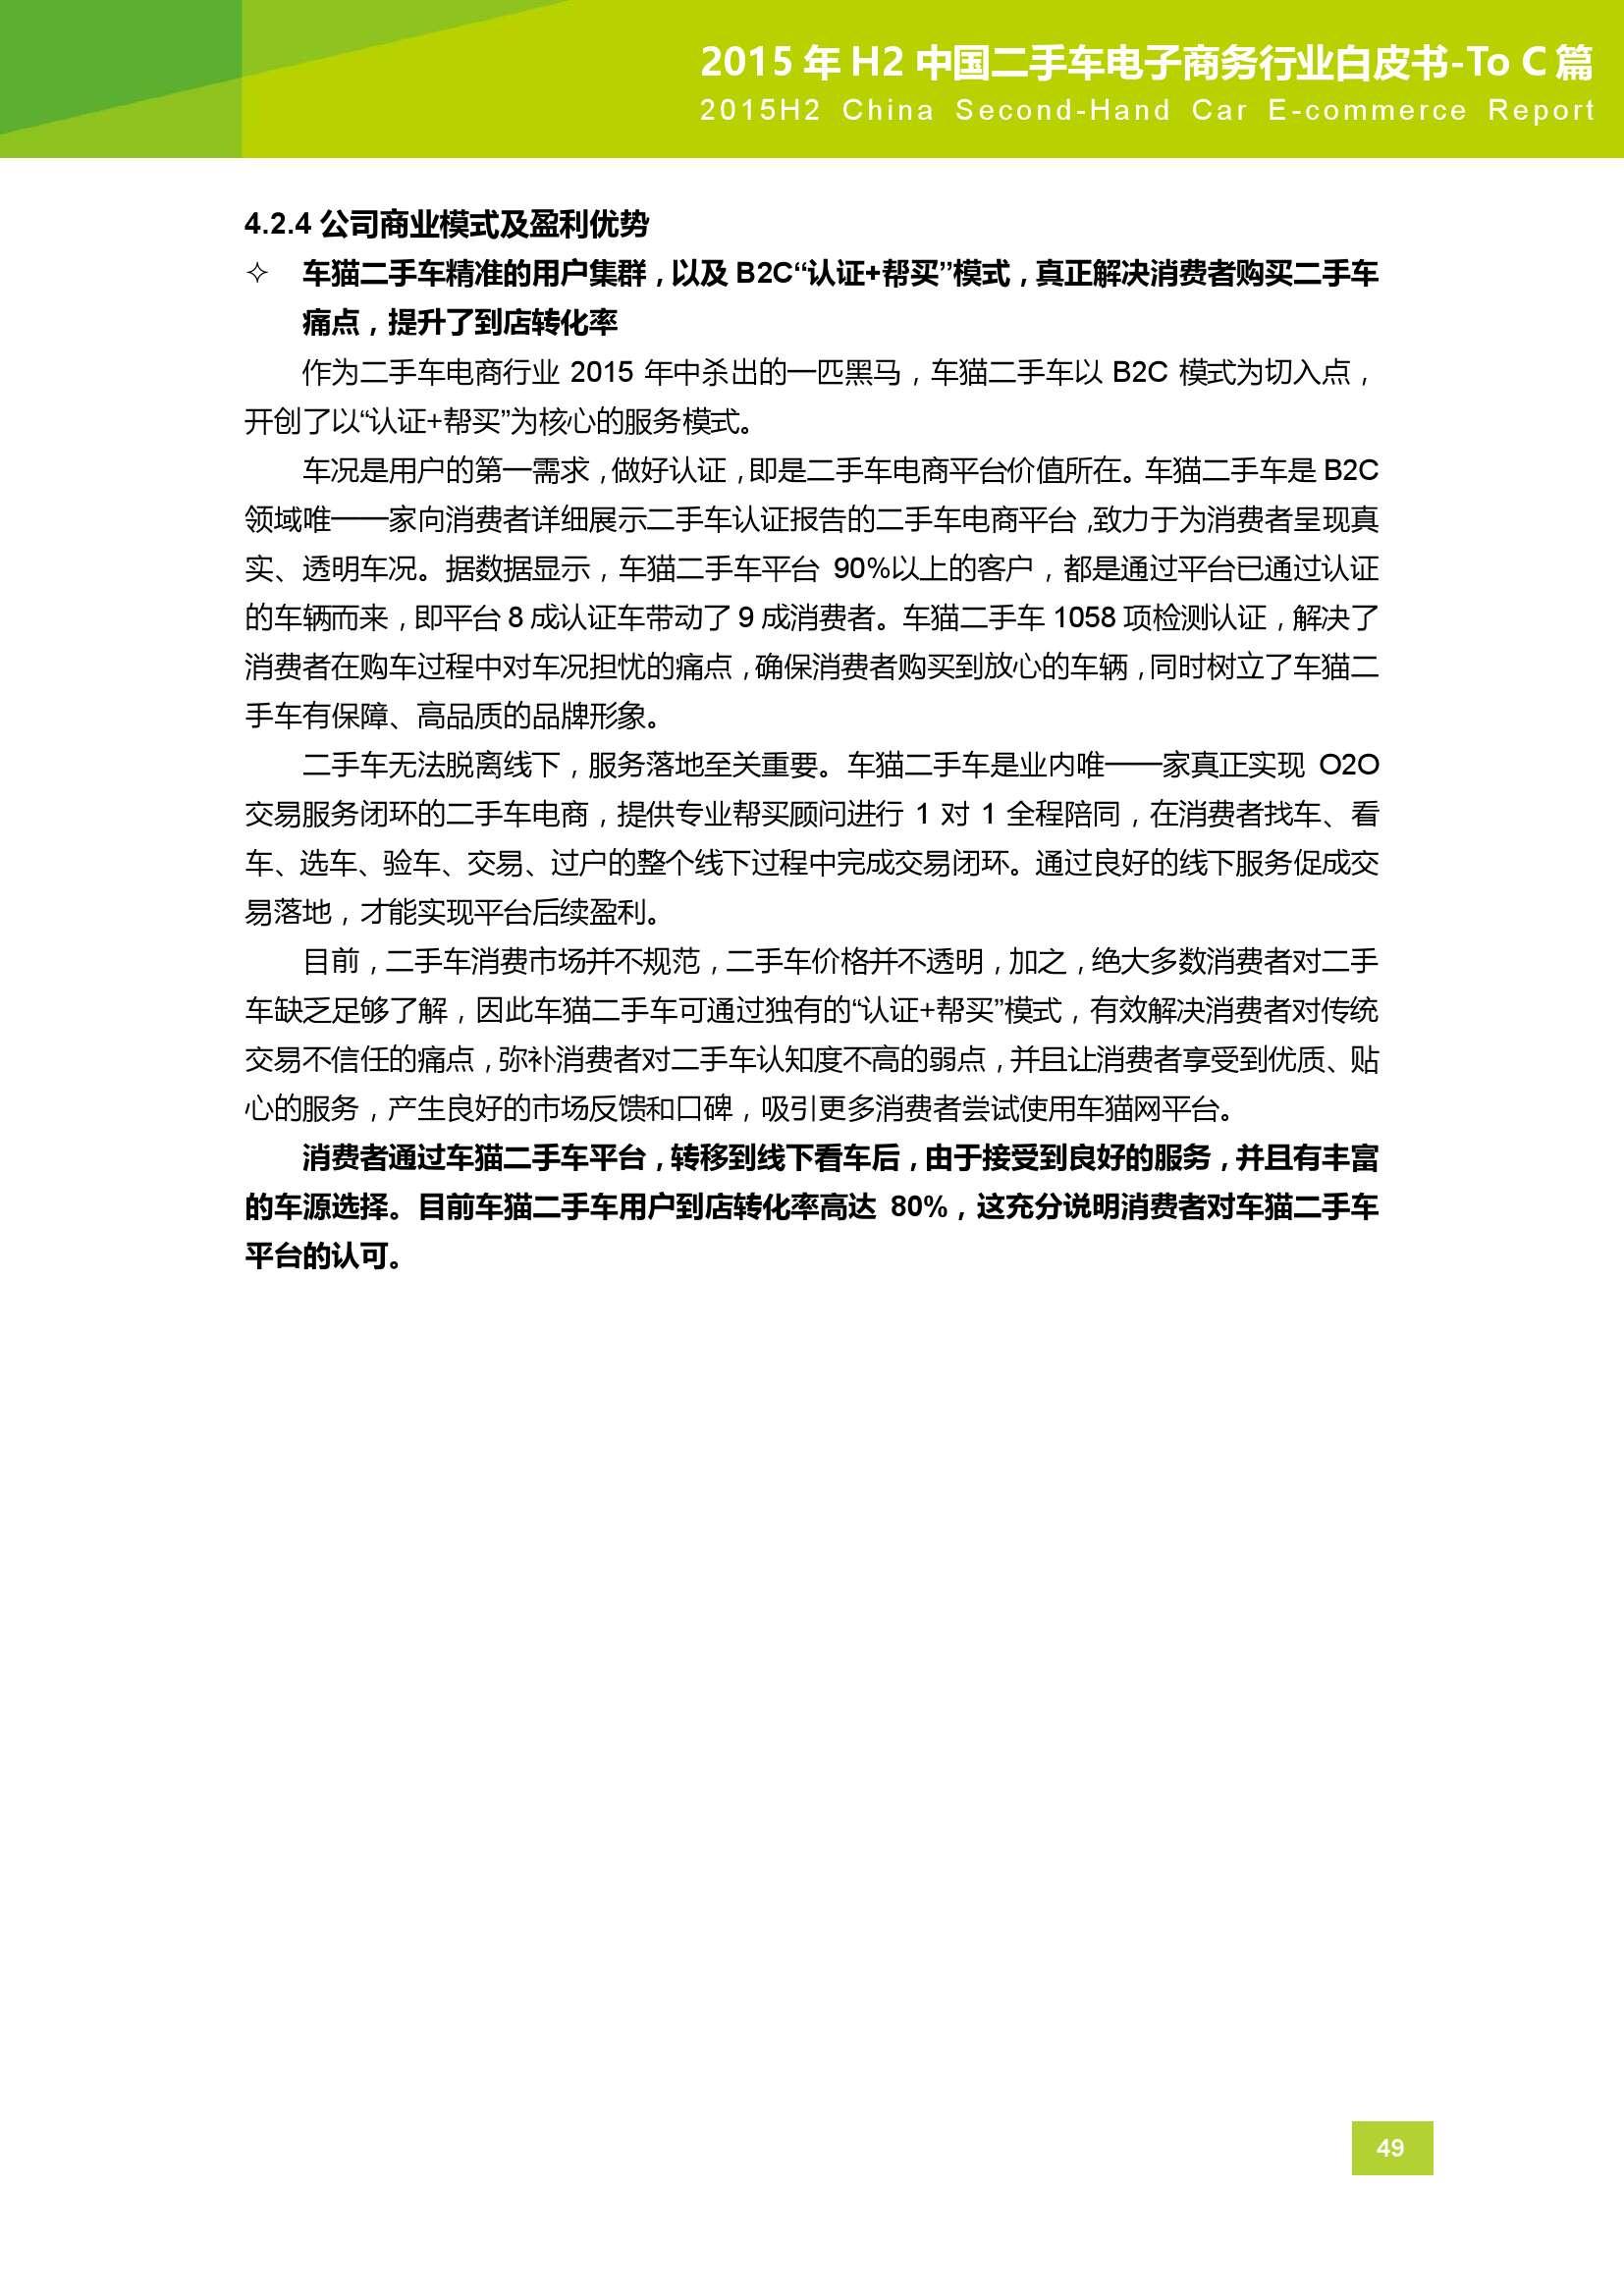 2015年H2中国二手车电子商务行业白皮书_000049